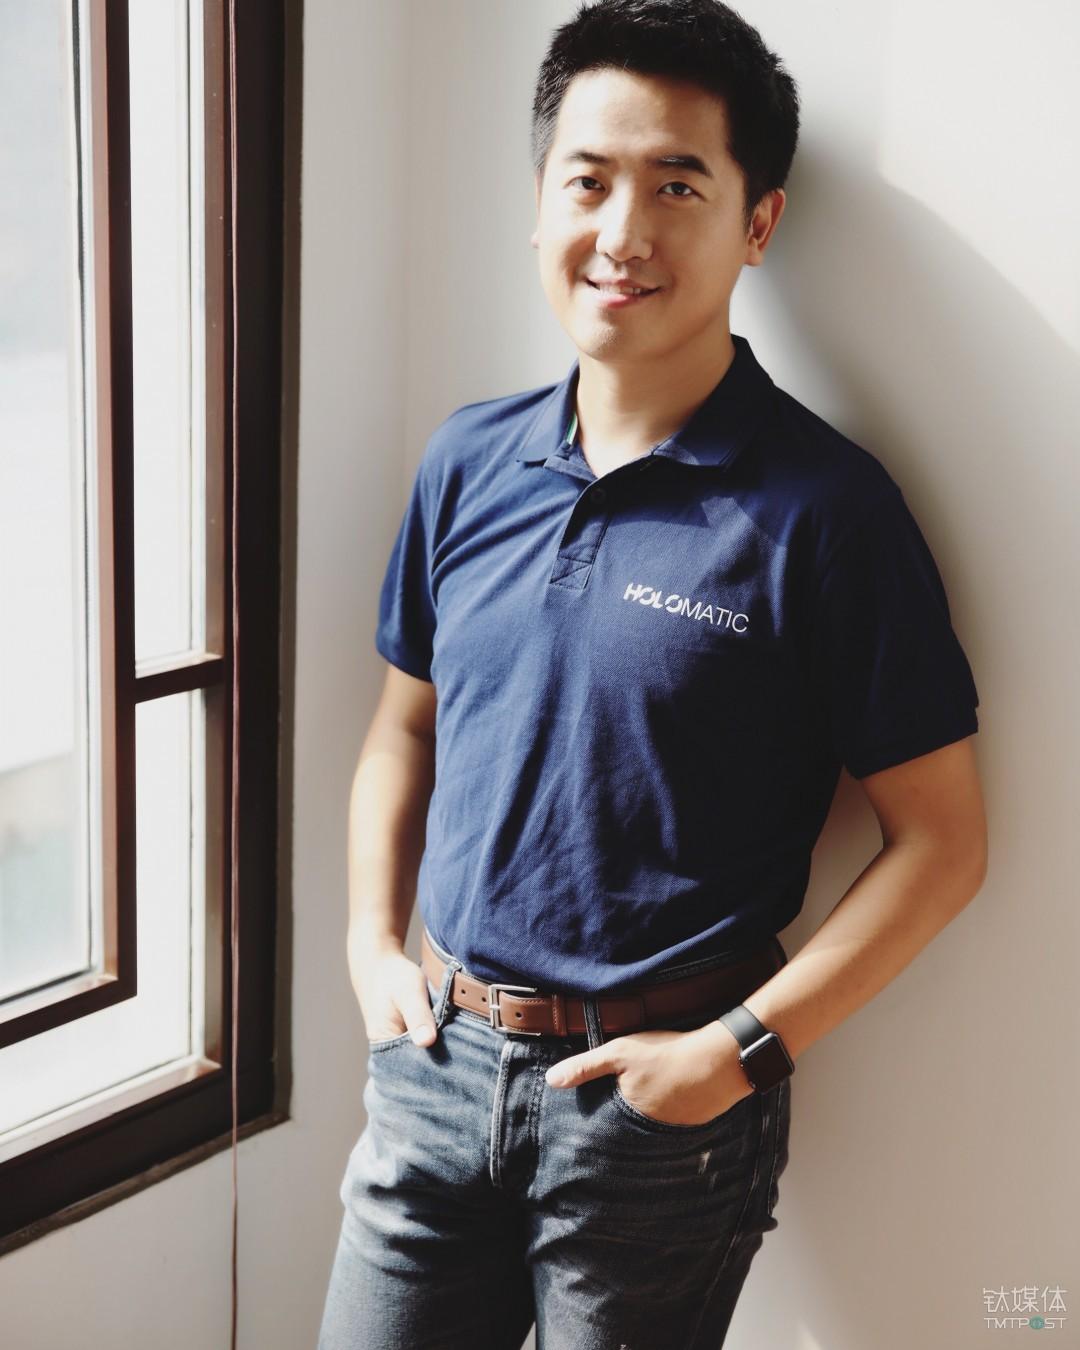 禾多科技创始人倪凯